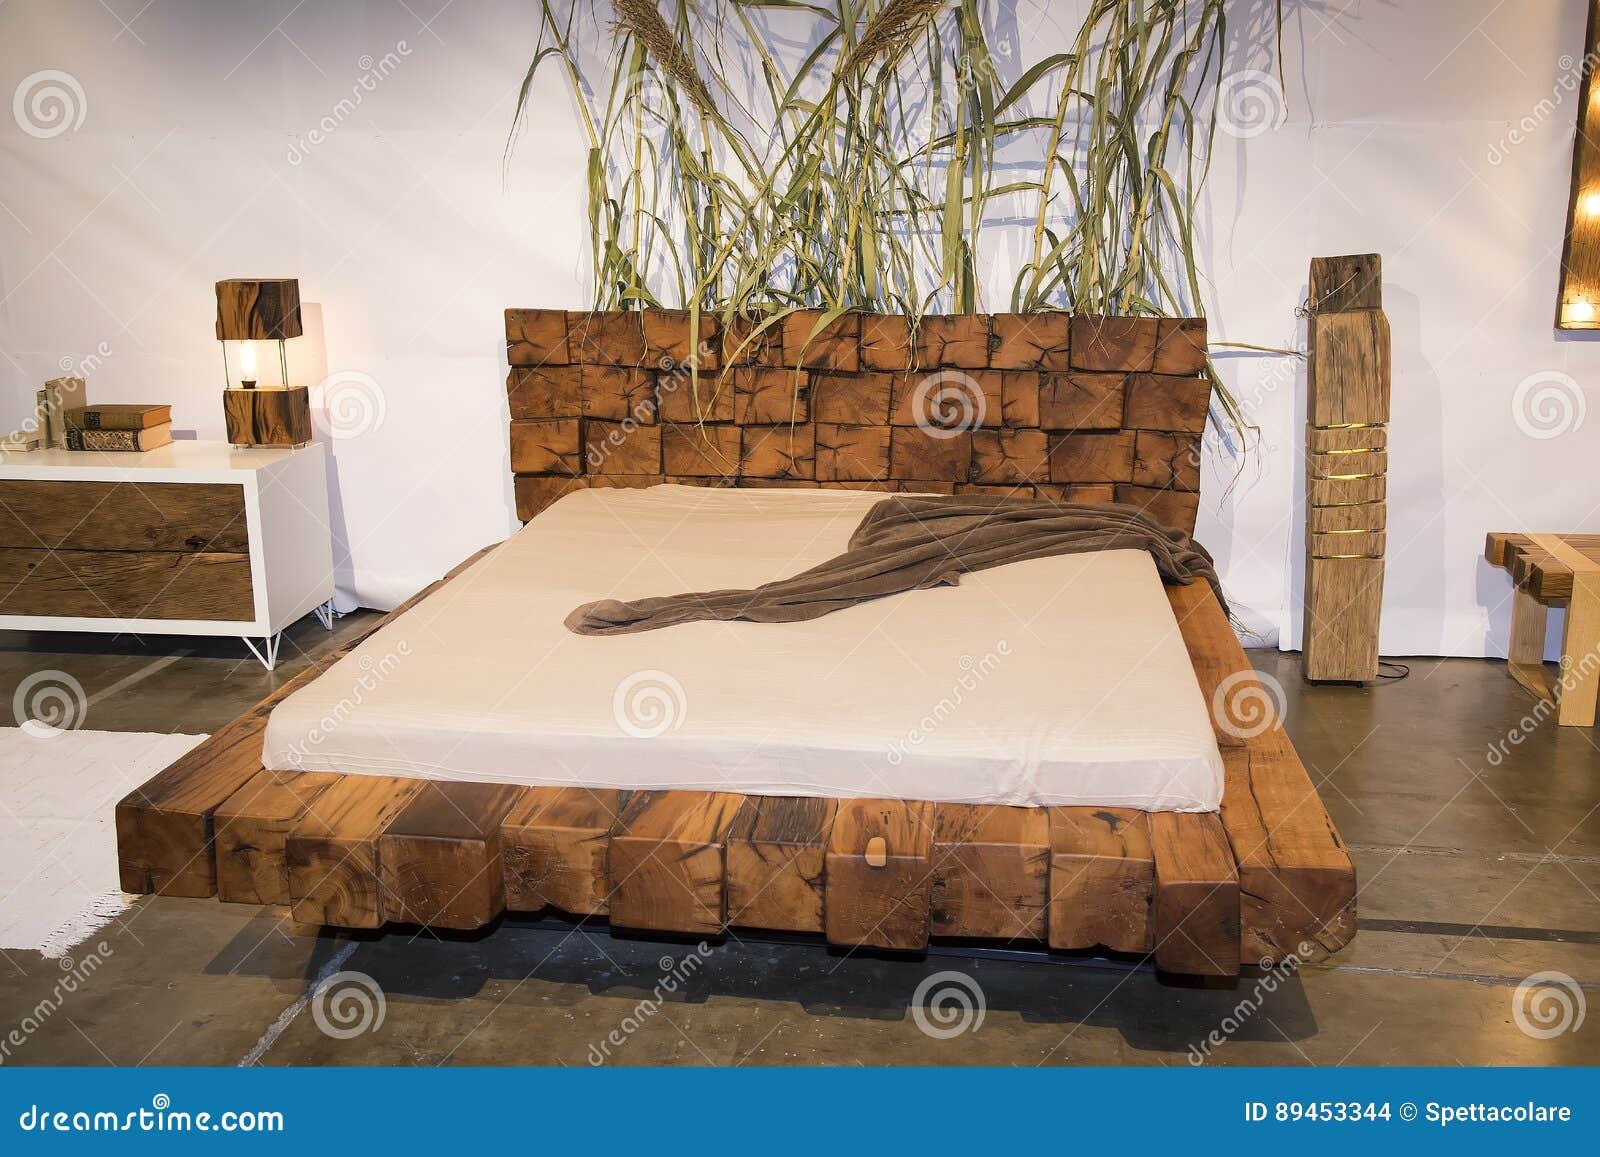 Schönes Schlafzimmer Mit Hölzernem Bett An Den Möbeln Angemessen ...